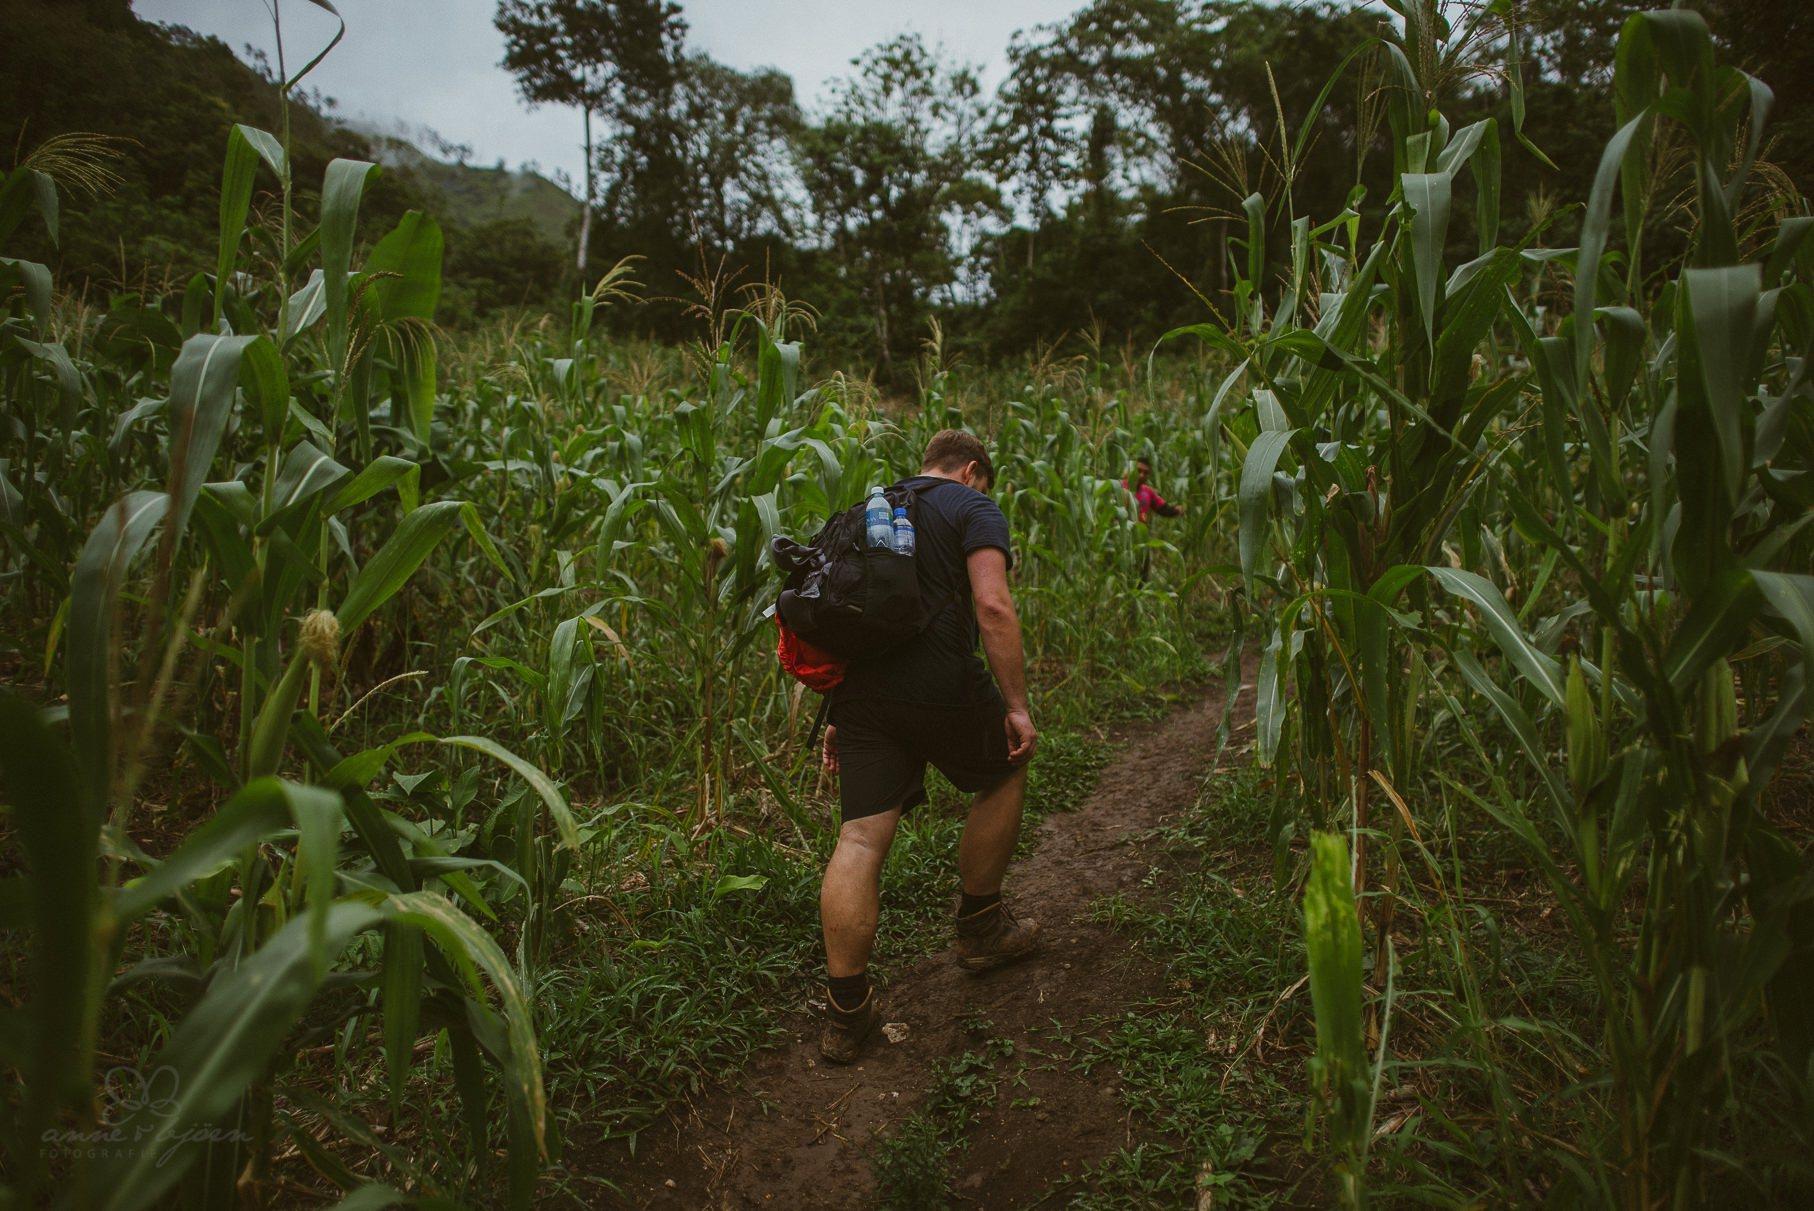 0193 anne und bjoern guatemala d75 4443 - 4 Wochen durch Guatemala - backpacking durch Mittelamerika